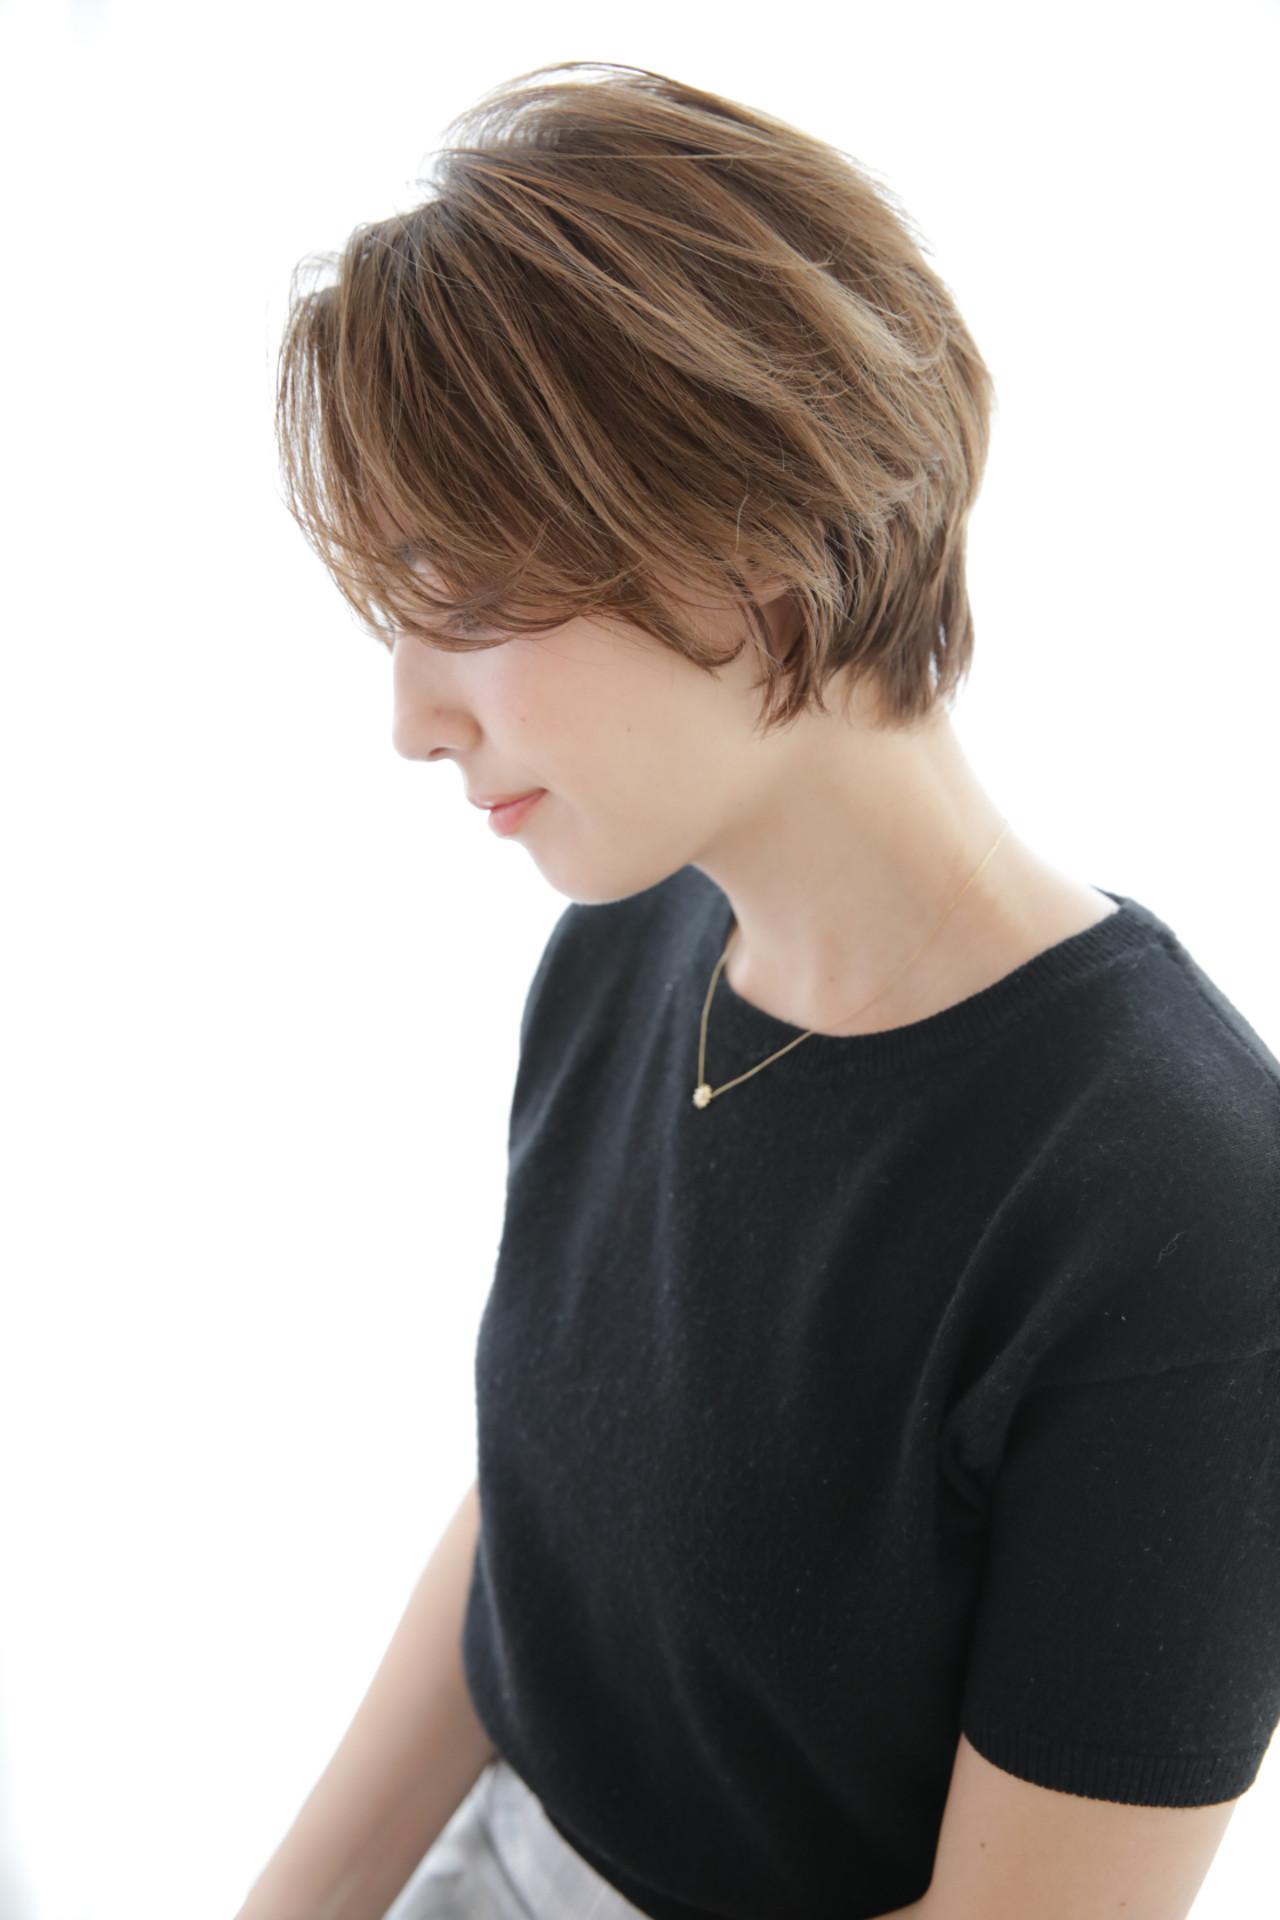 ナチュラル ハイライト ショート オフィス ヘアスタイルや髪型の写真・画像 | 近藤雄太/ショート / Neolive CiroL.